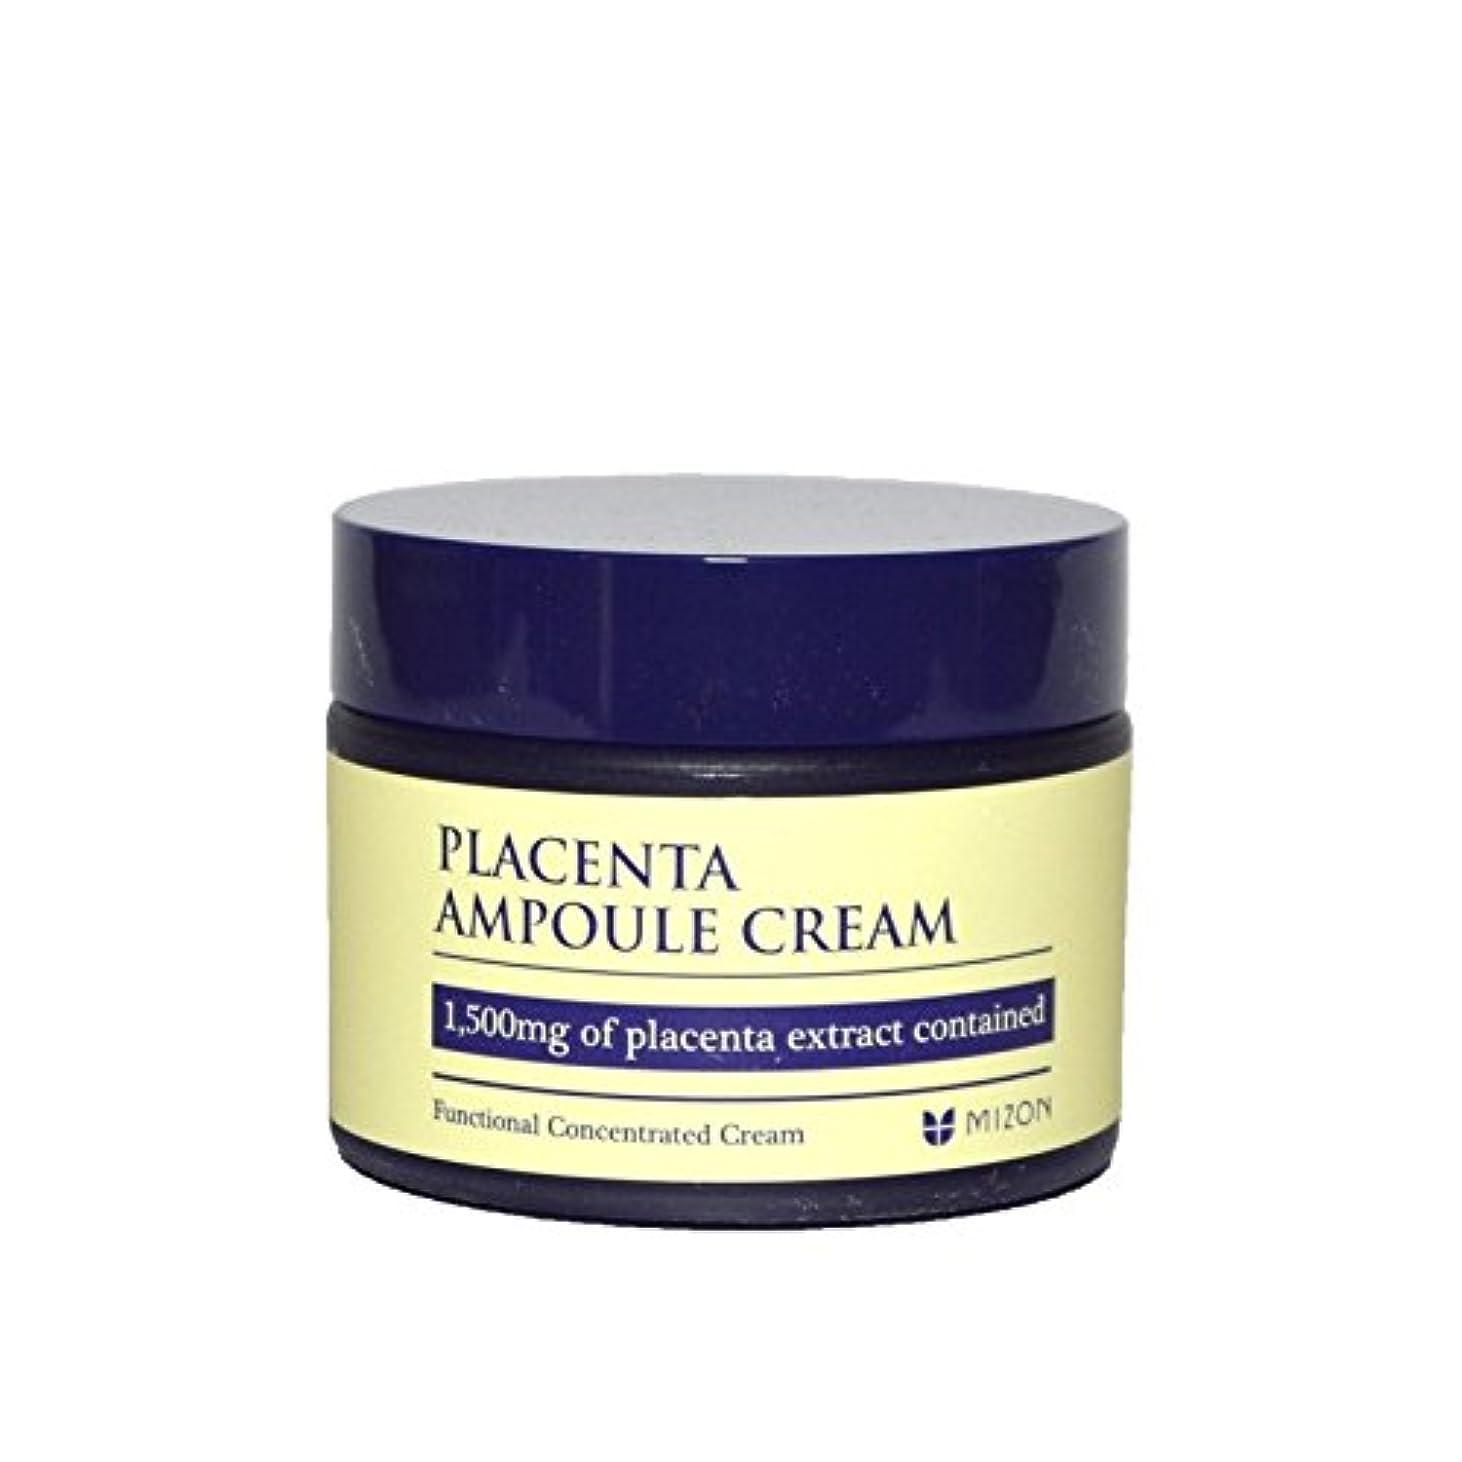 ハンカチ自宅で顔料Mizon Placenta Ampoule Cream (Pack of 6) - 胎盤アンプルクリーム x6 [並行輸入品]